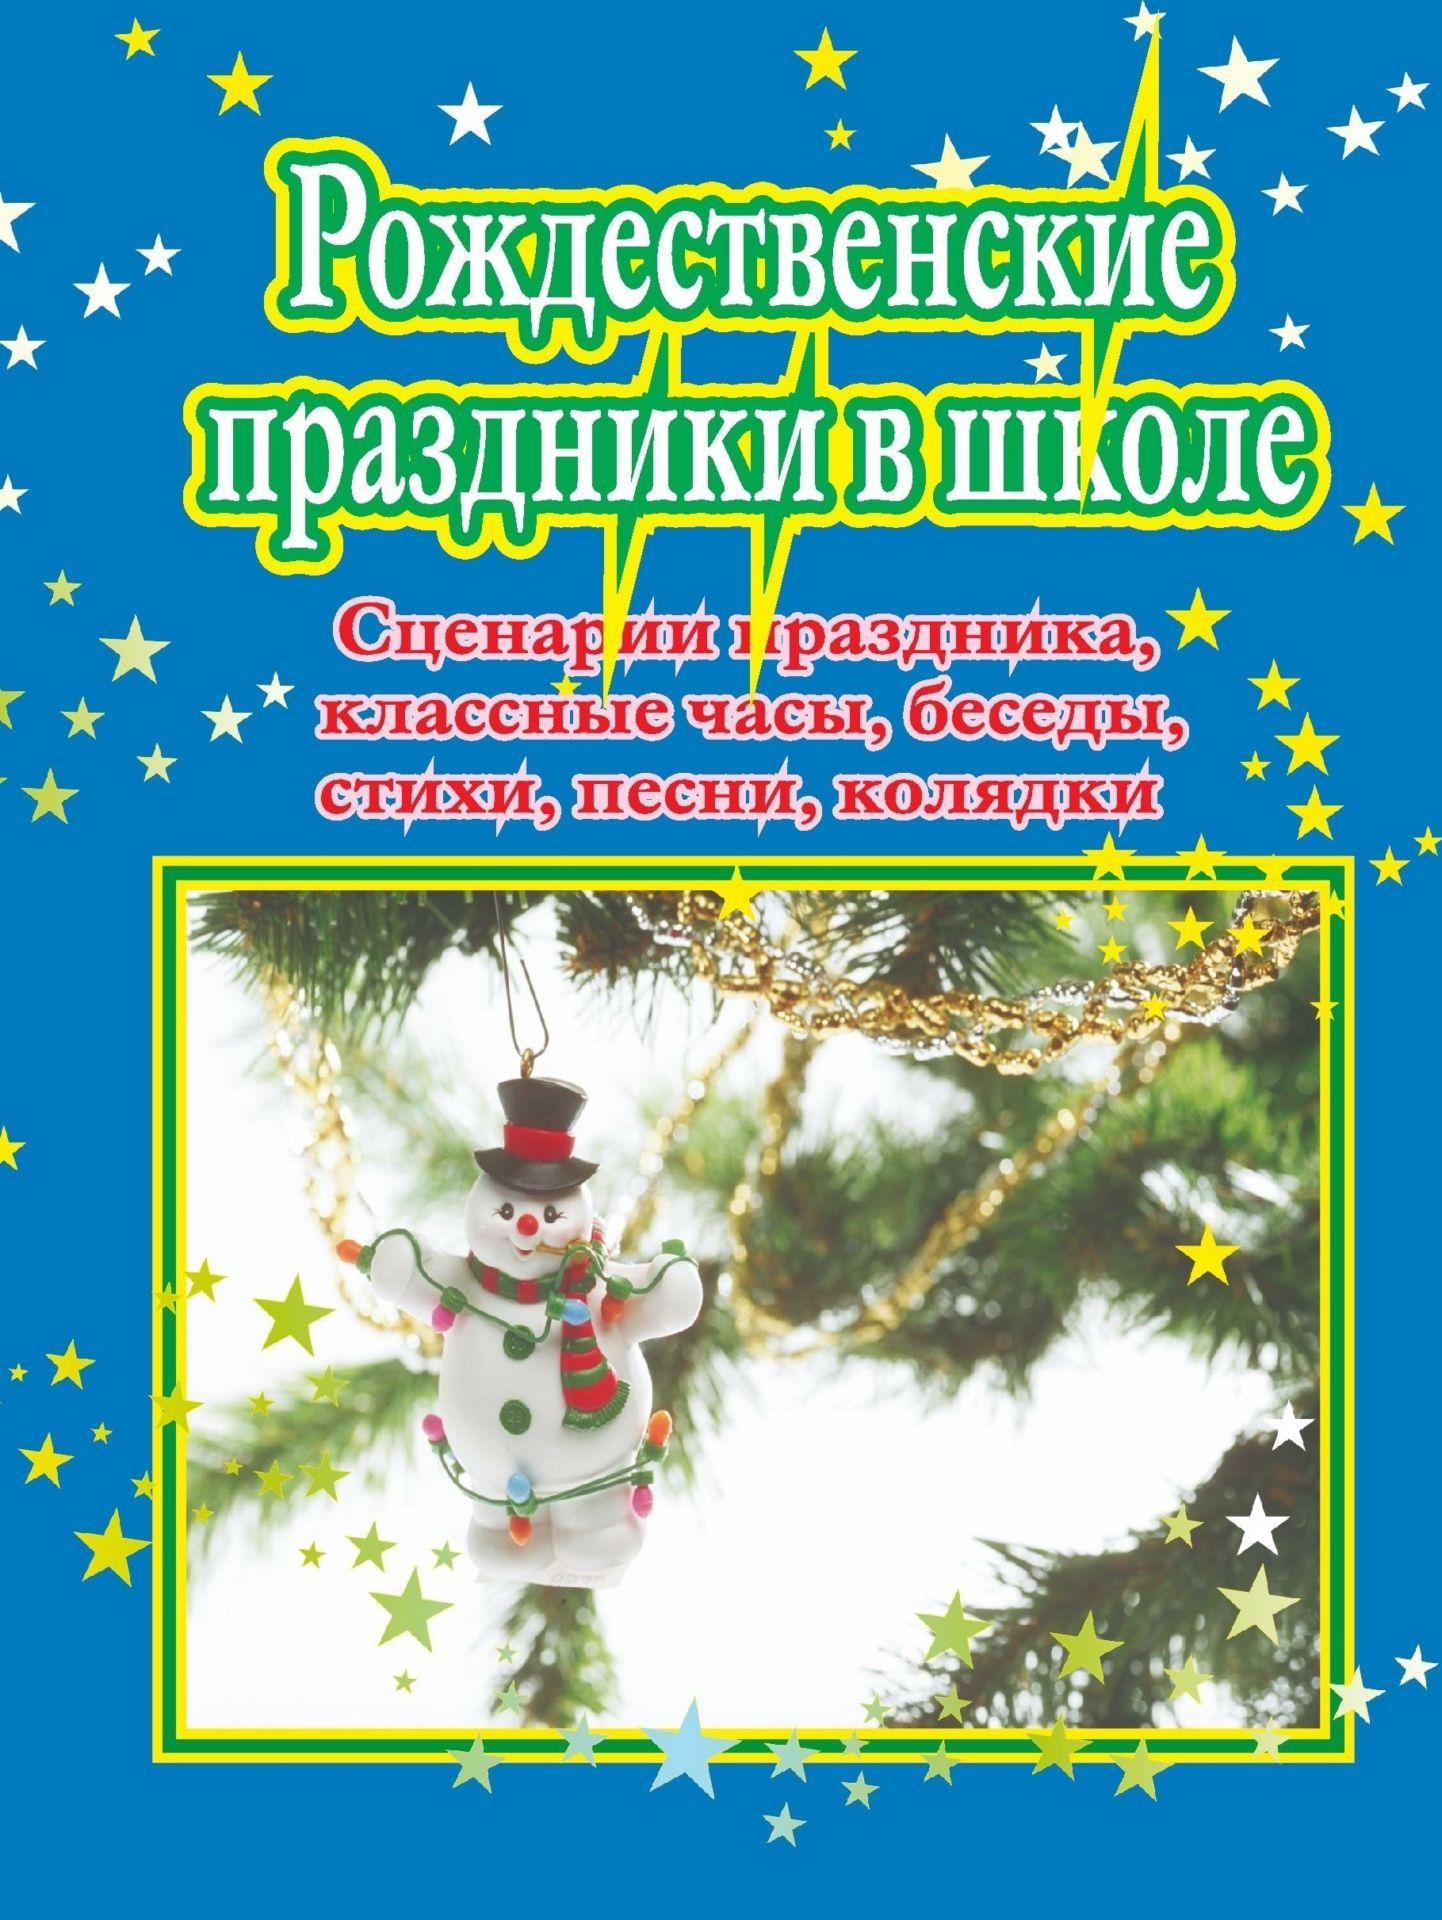 Рождественские праздники в школеВнеклассные мероприятия<br>В данной брошюре предлагаются сценарии праздни-ков, материалы для проведения классных часов, бесед на тему христианского праздника Рождества.Кроме того, дается дополнительный стихотворный, музыкальный и иллюстративный материал, который может быть использо...<br><br>Авторы: Малахова М. М.<br>Год: 2005<br>Серия: Праздники<br>ISBN: 5-7057-0440-2<br>Высота: 195<br>Ширина: 140<br>Толщина: 4